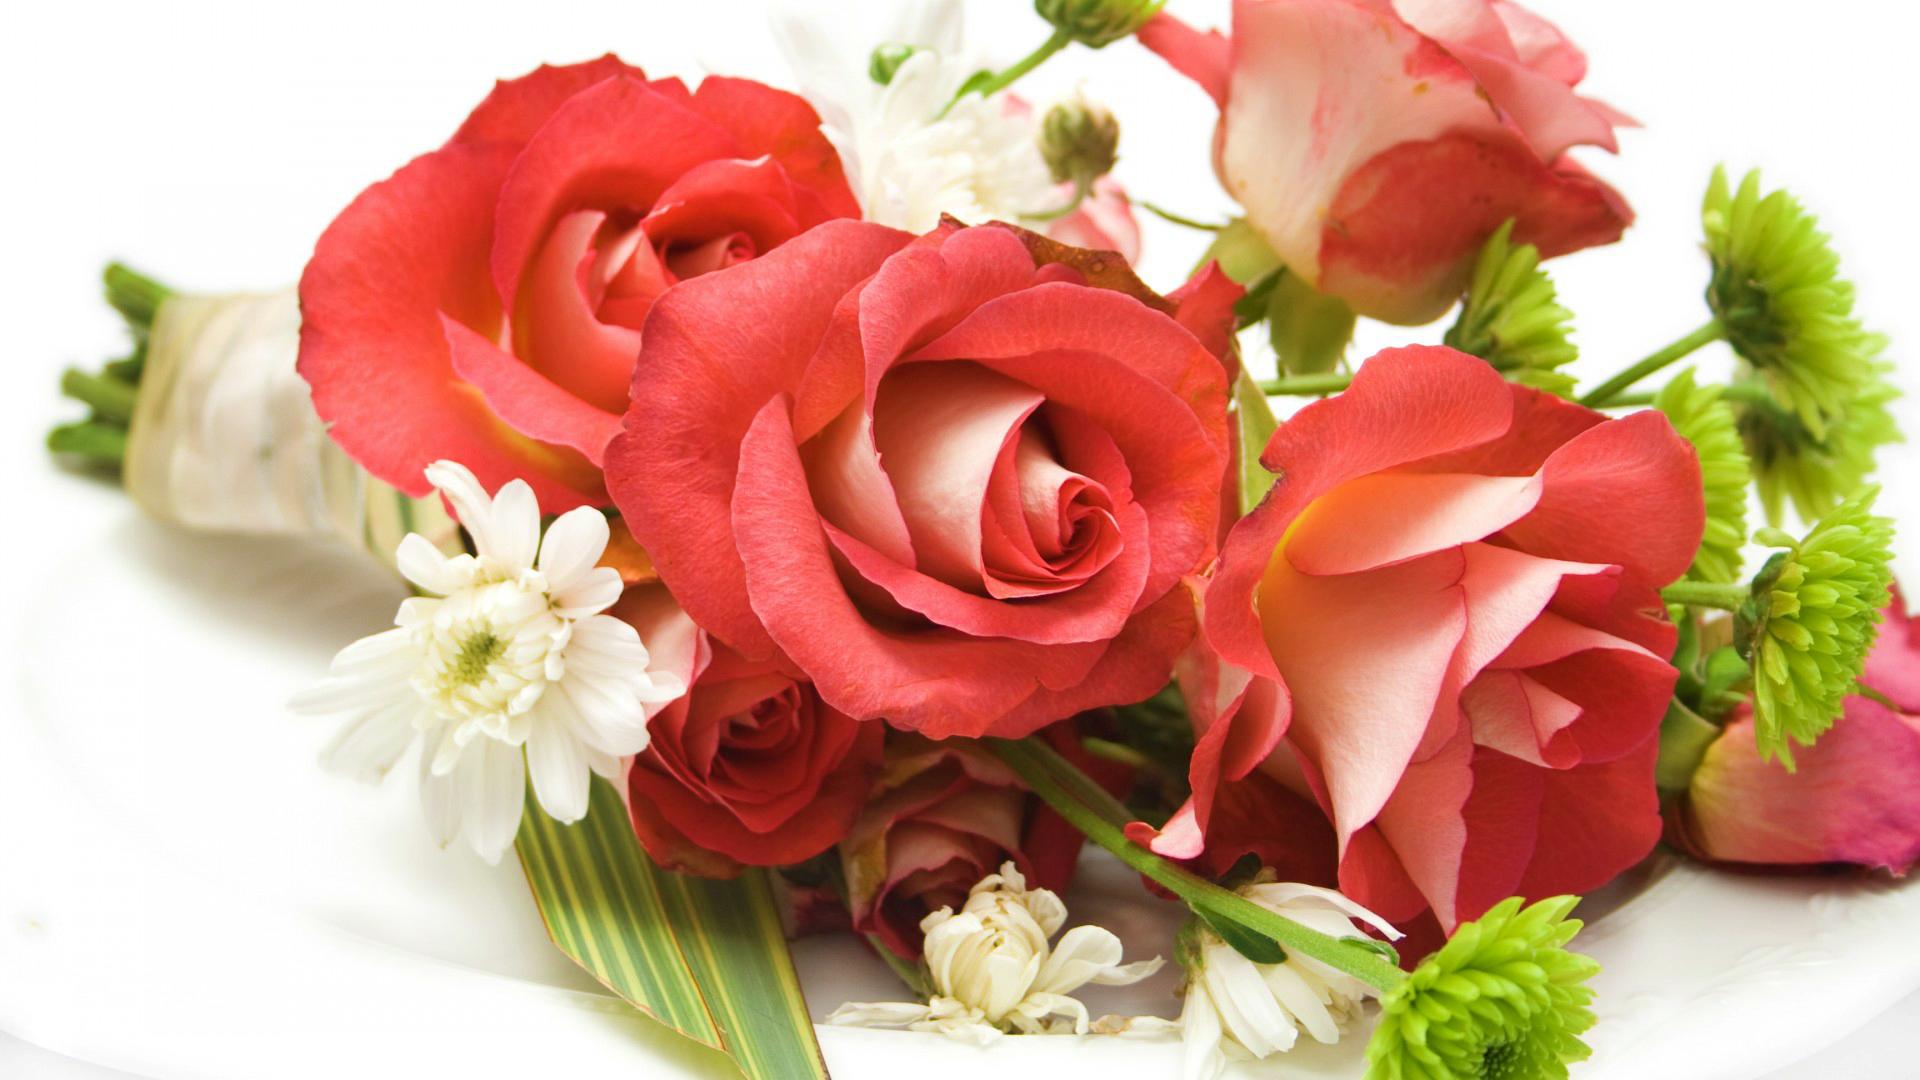 بالصور اجمل صور خلفيات لزهور الورد 20160712 499